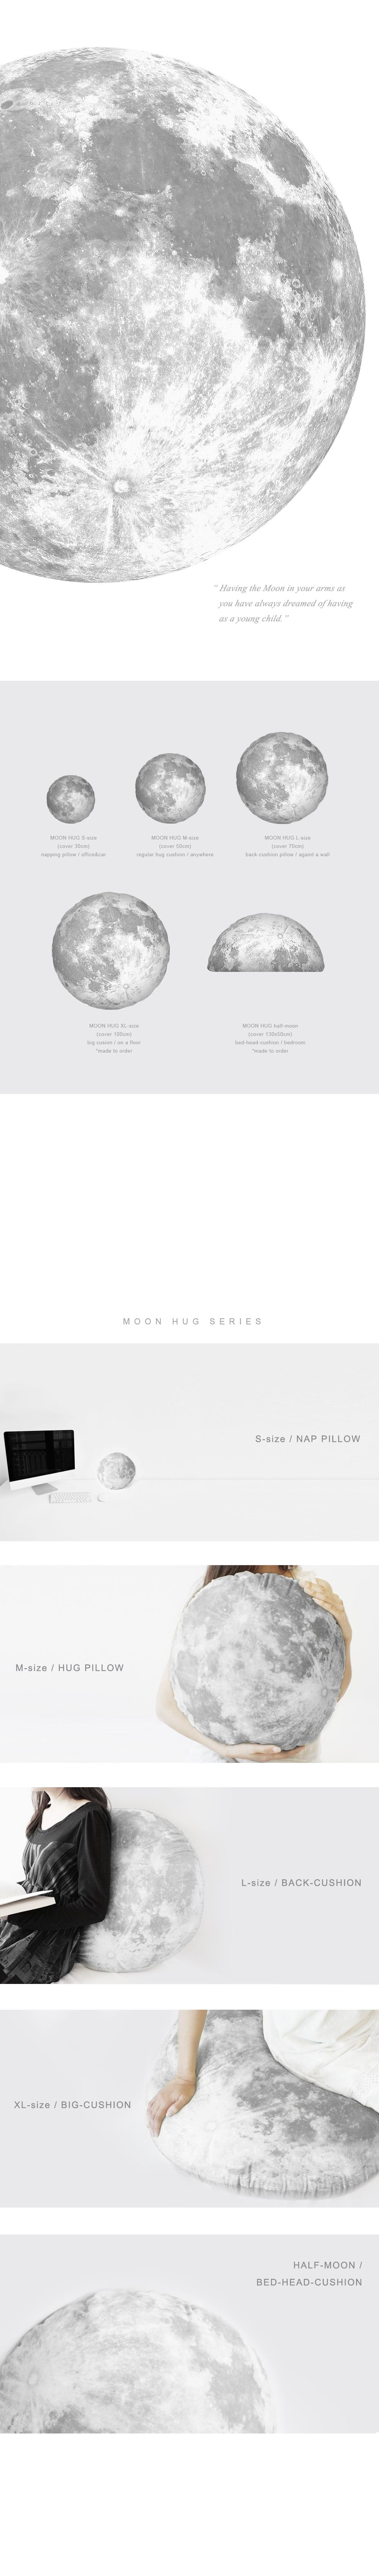 허그문 MOON HUG (보름달 천체사진 쿠션) - 엠씨어리, 29,000원, 일반쿠션, 일러스트